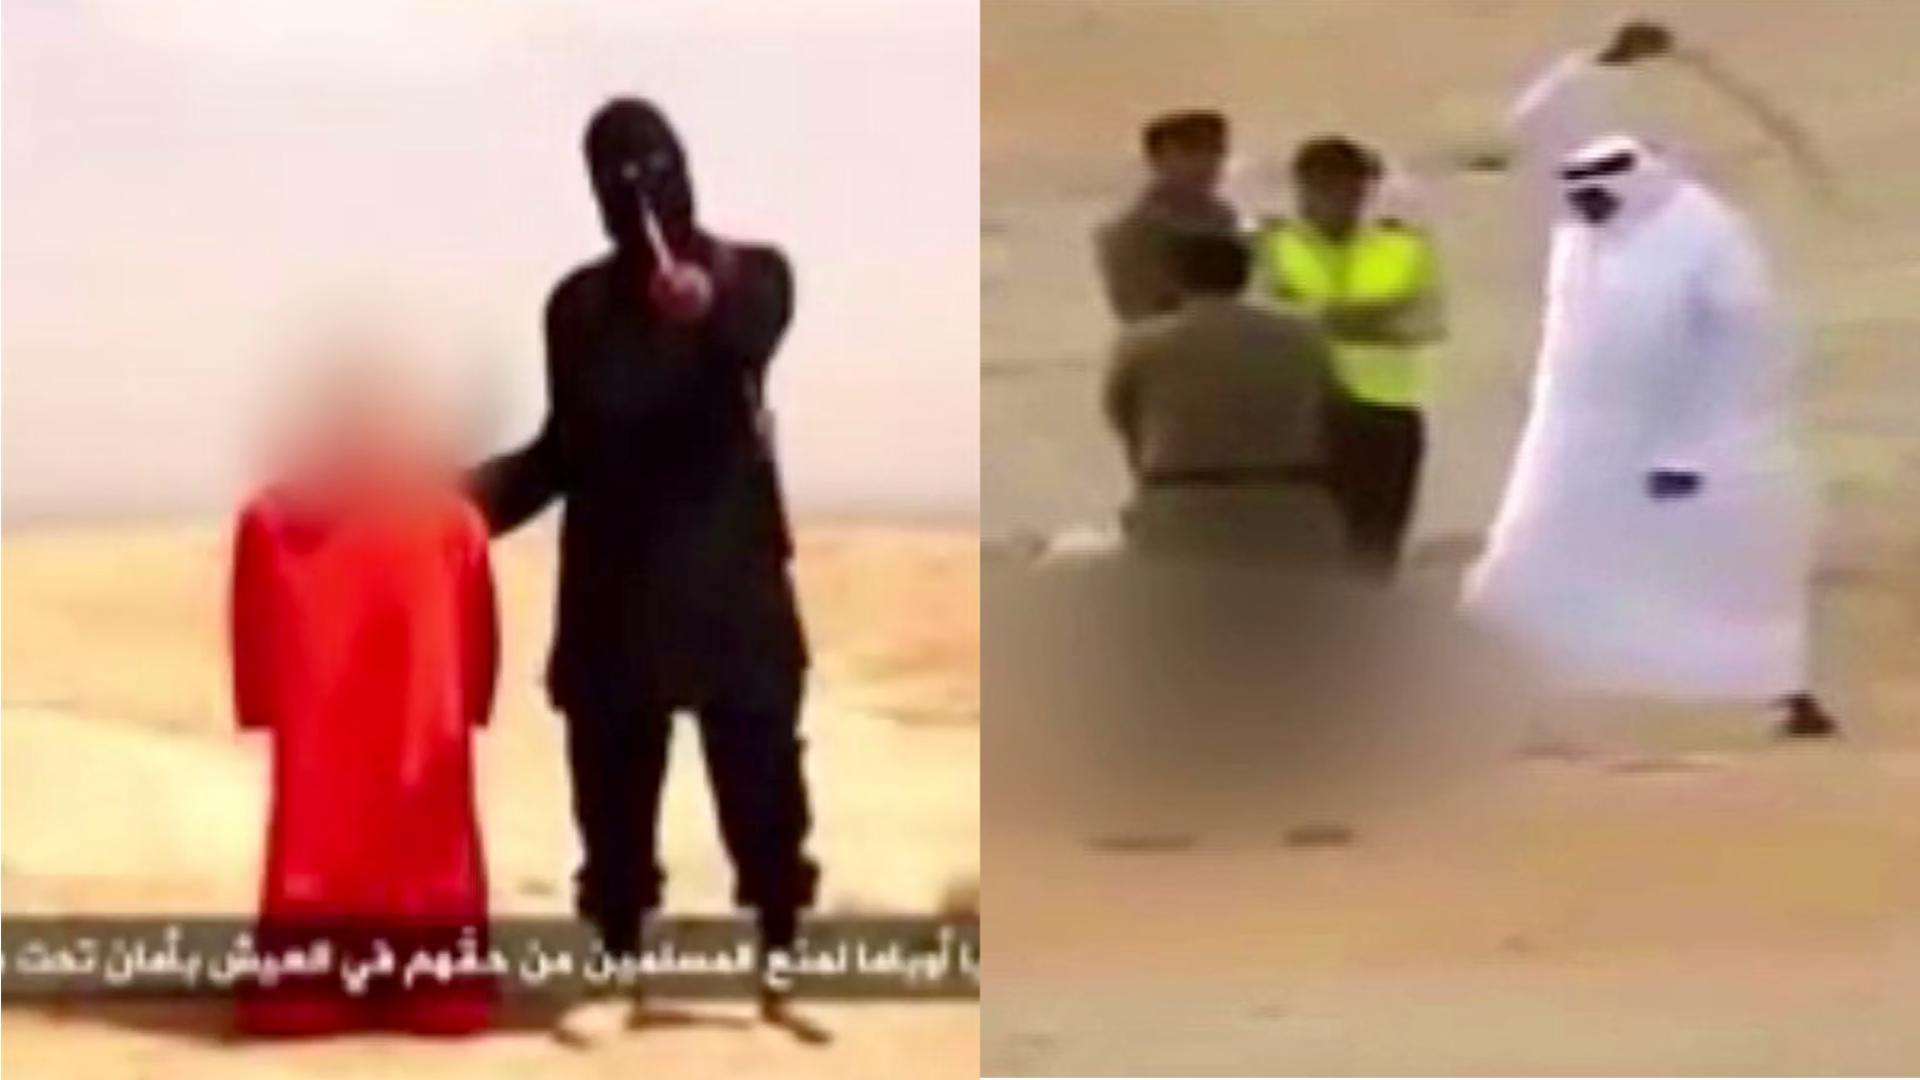 """Saudi-Arabien: 47 Hinrichtungen an nur einem Tag. Die Strafen sind ähnlich brutal wie beim """"Islamischen Staat"""". Wie gehen wir mit Menschenrechtsverletzungen von Geschäftspartnern um? dbate.de stellt die Frage: Hinrichtungen in Saudi-Arabien und beim """"IS"""" - was ist der Unterschied?"""